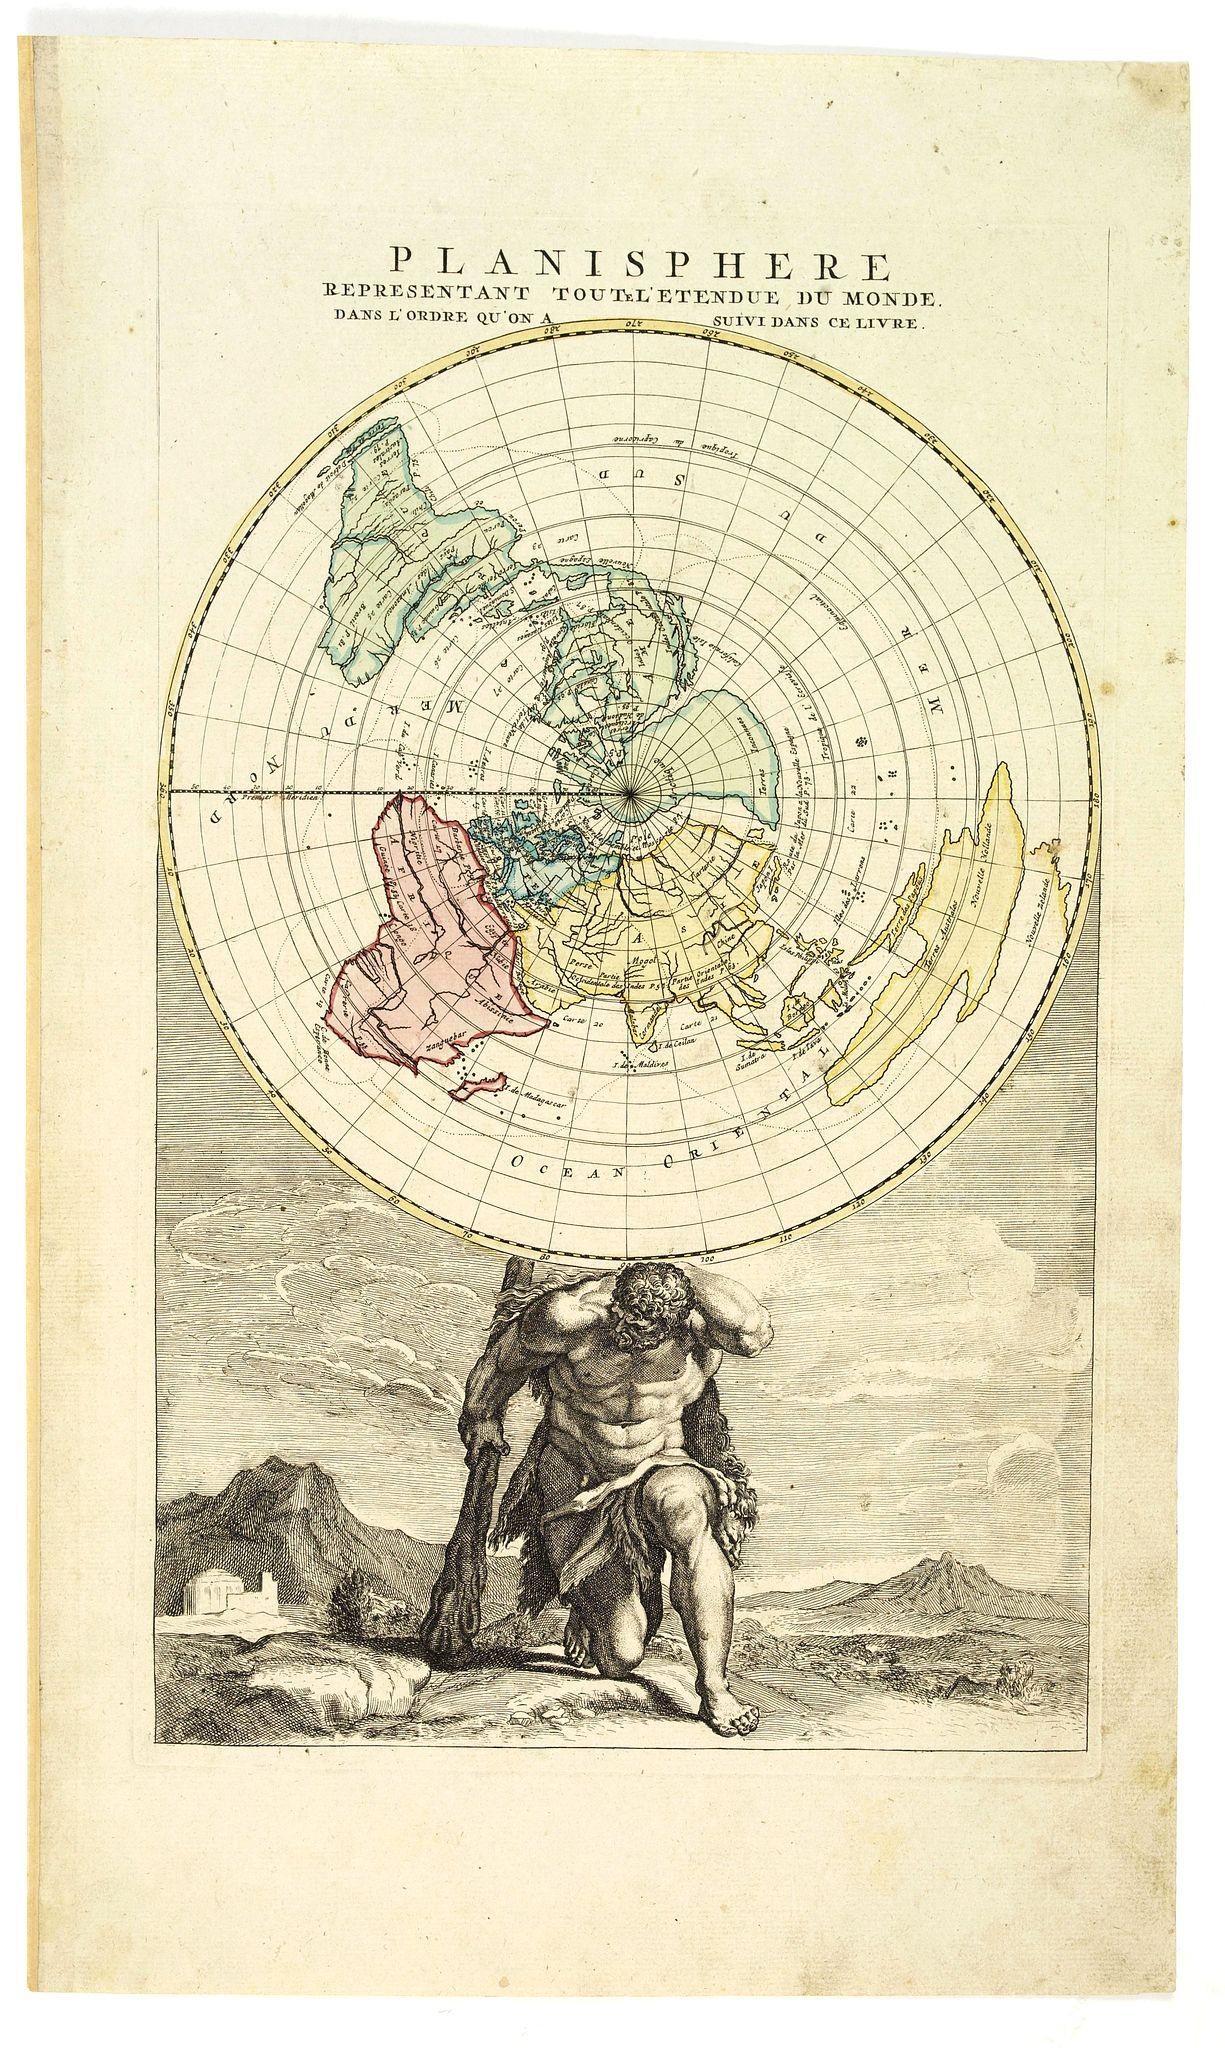 ELWE, J. B. - [Title page] Planisphere representant tout e l'etendue du monde . . .